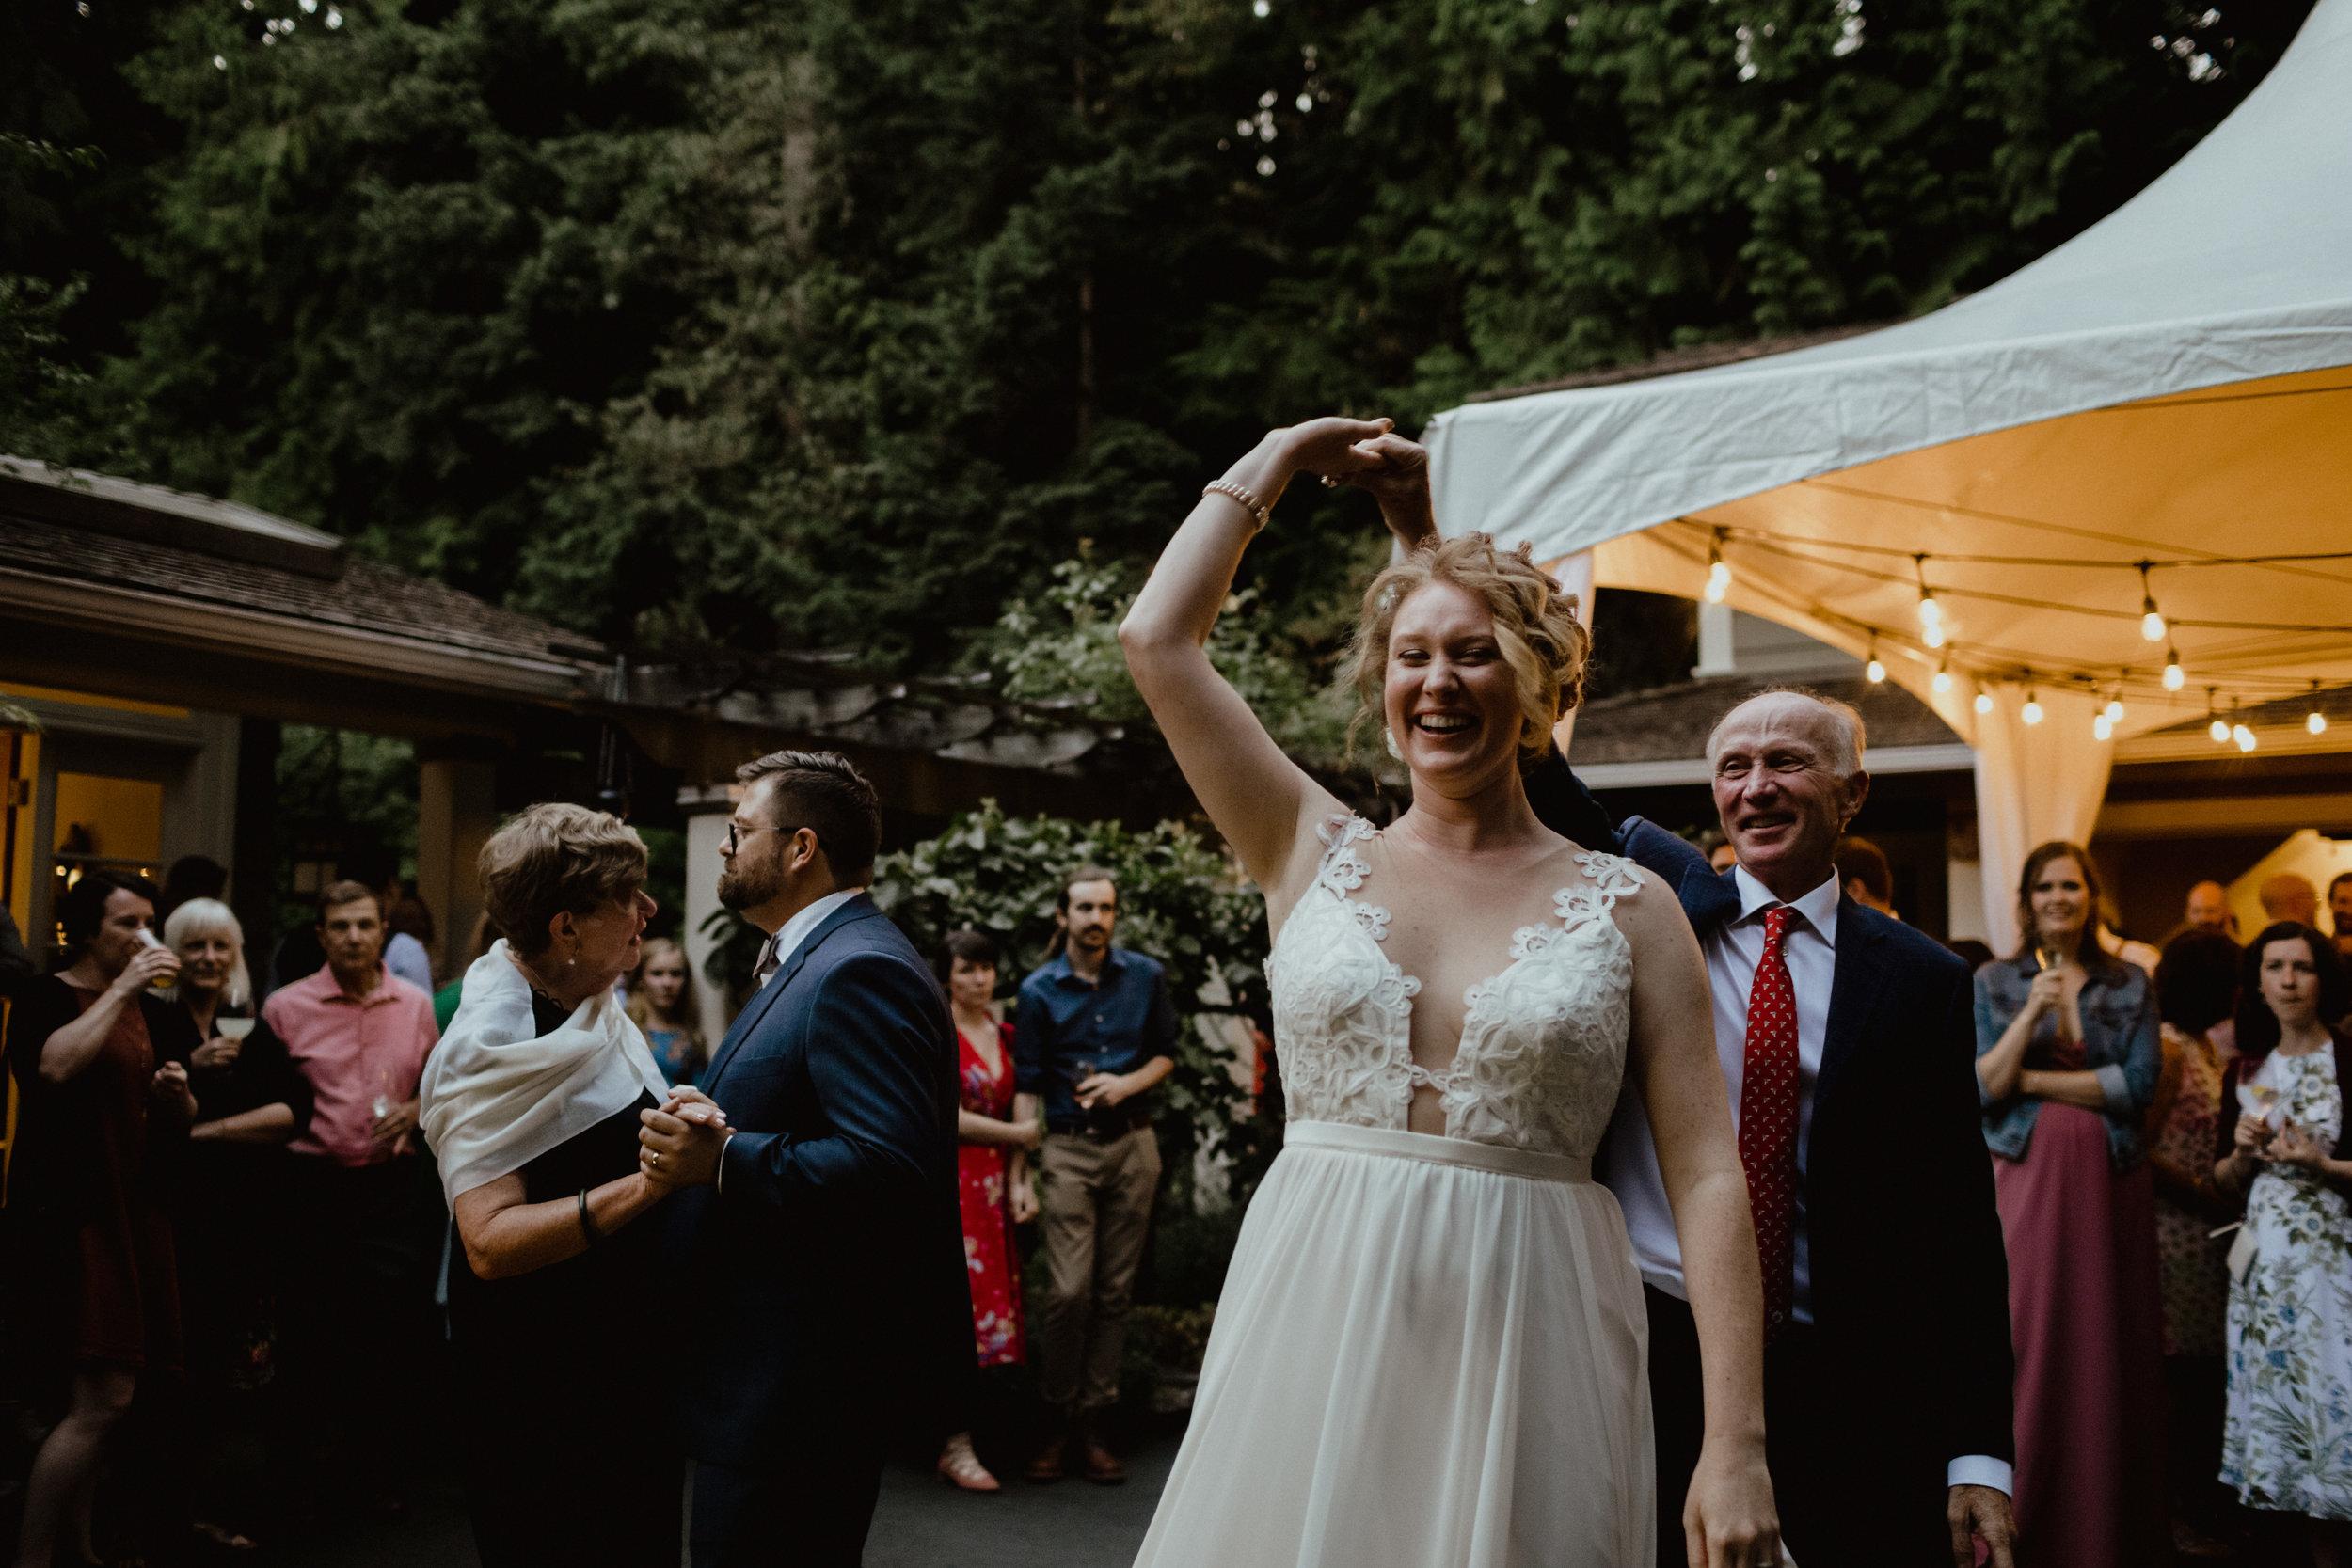 west-vancouver-backyard-wedding-276.jpg